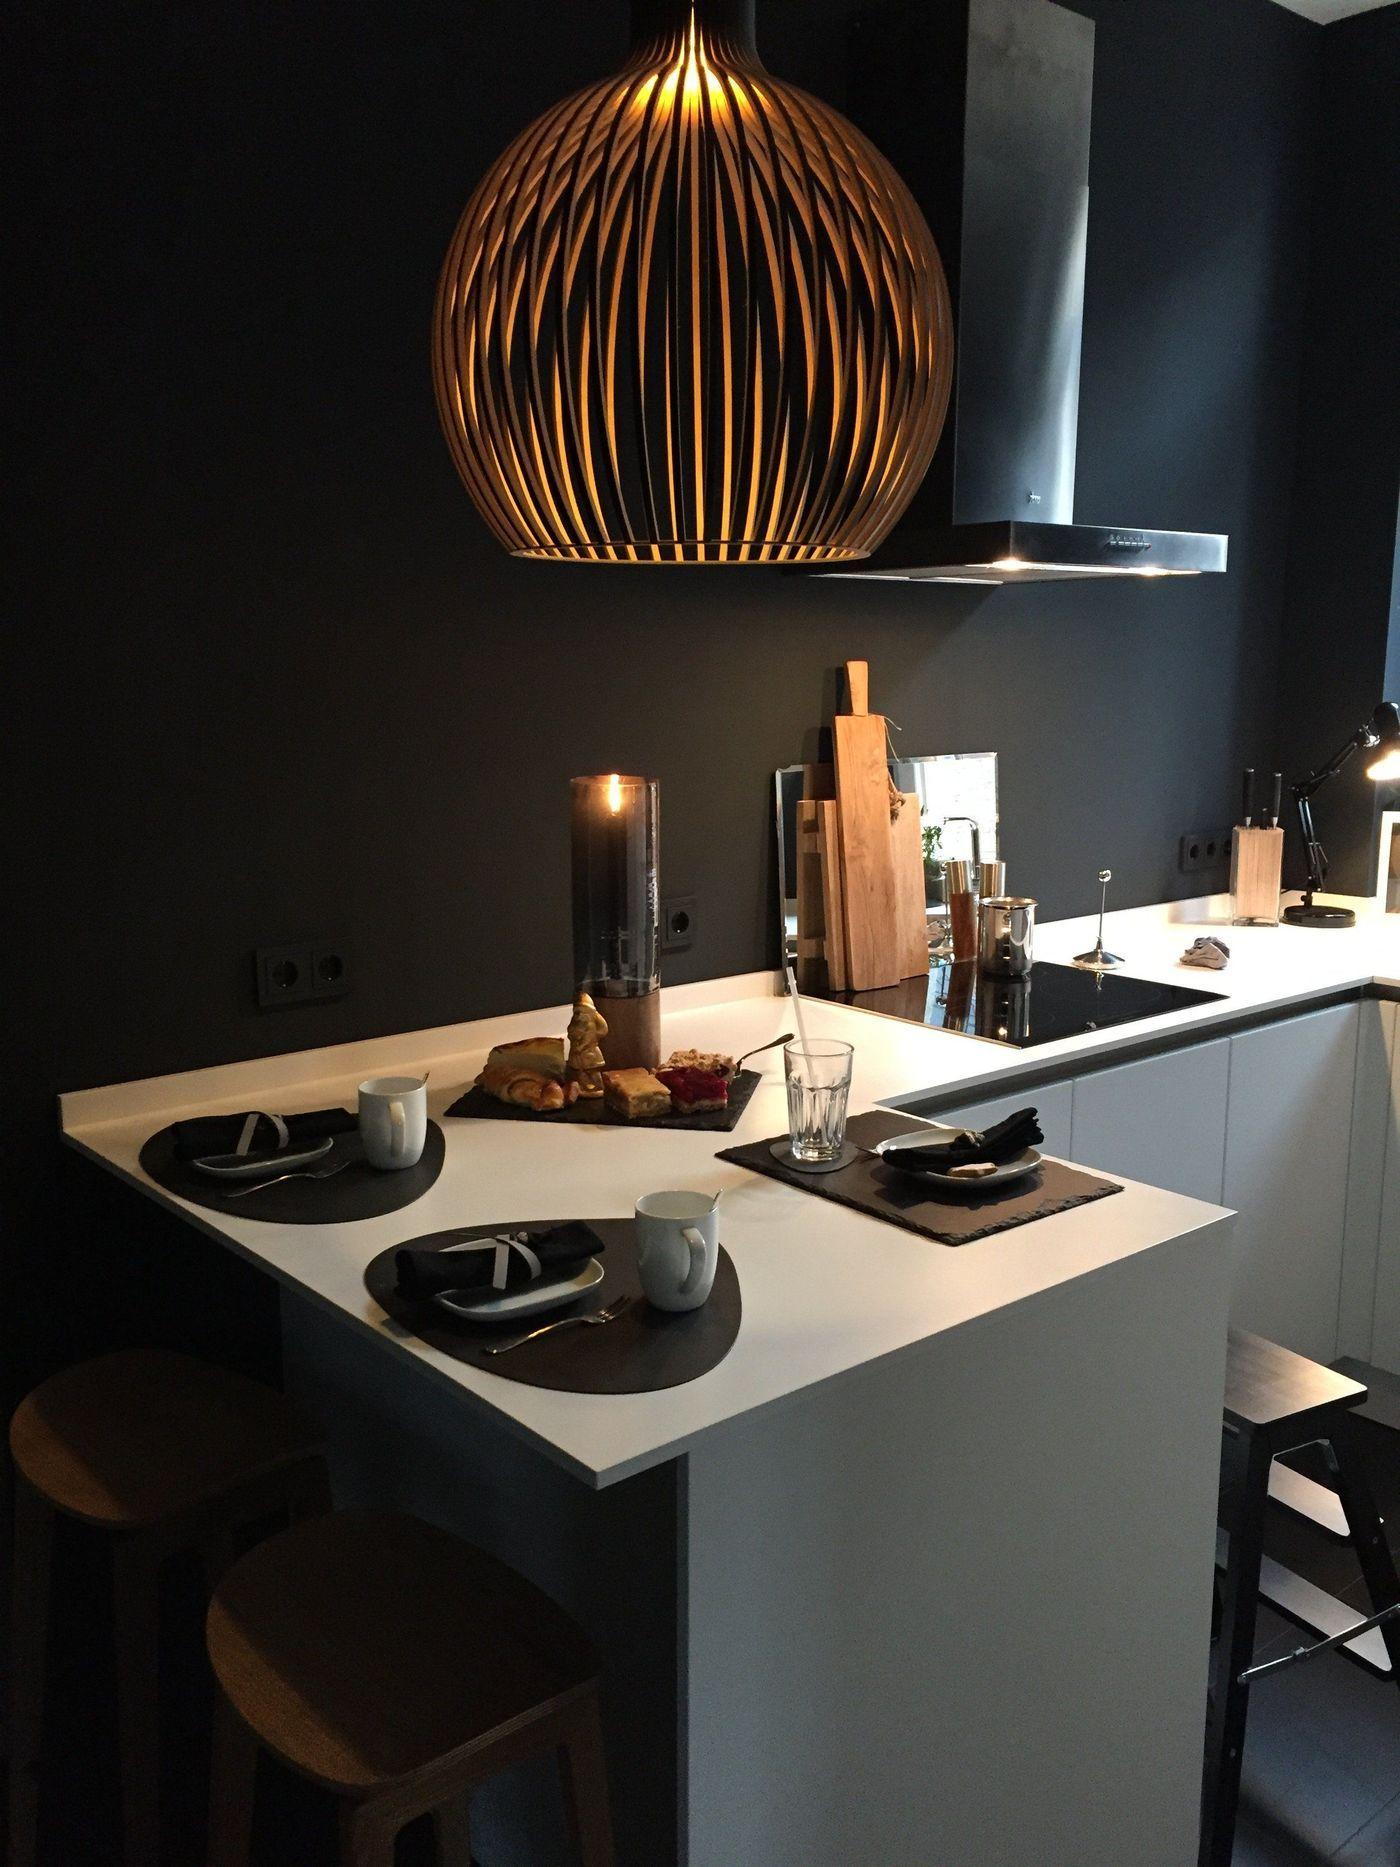 die besten ideen f r die wandgestaltung in der k che seite 8. Black Bedroom Furniture Sets. Home Design Ideas